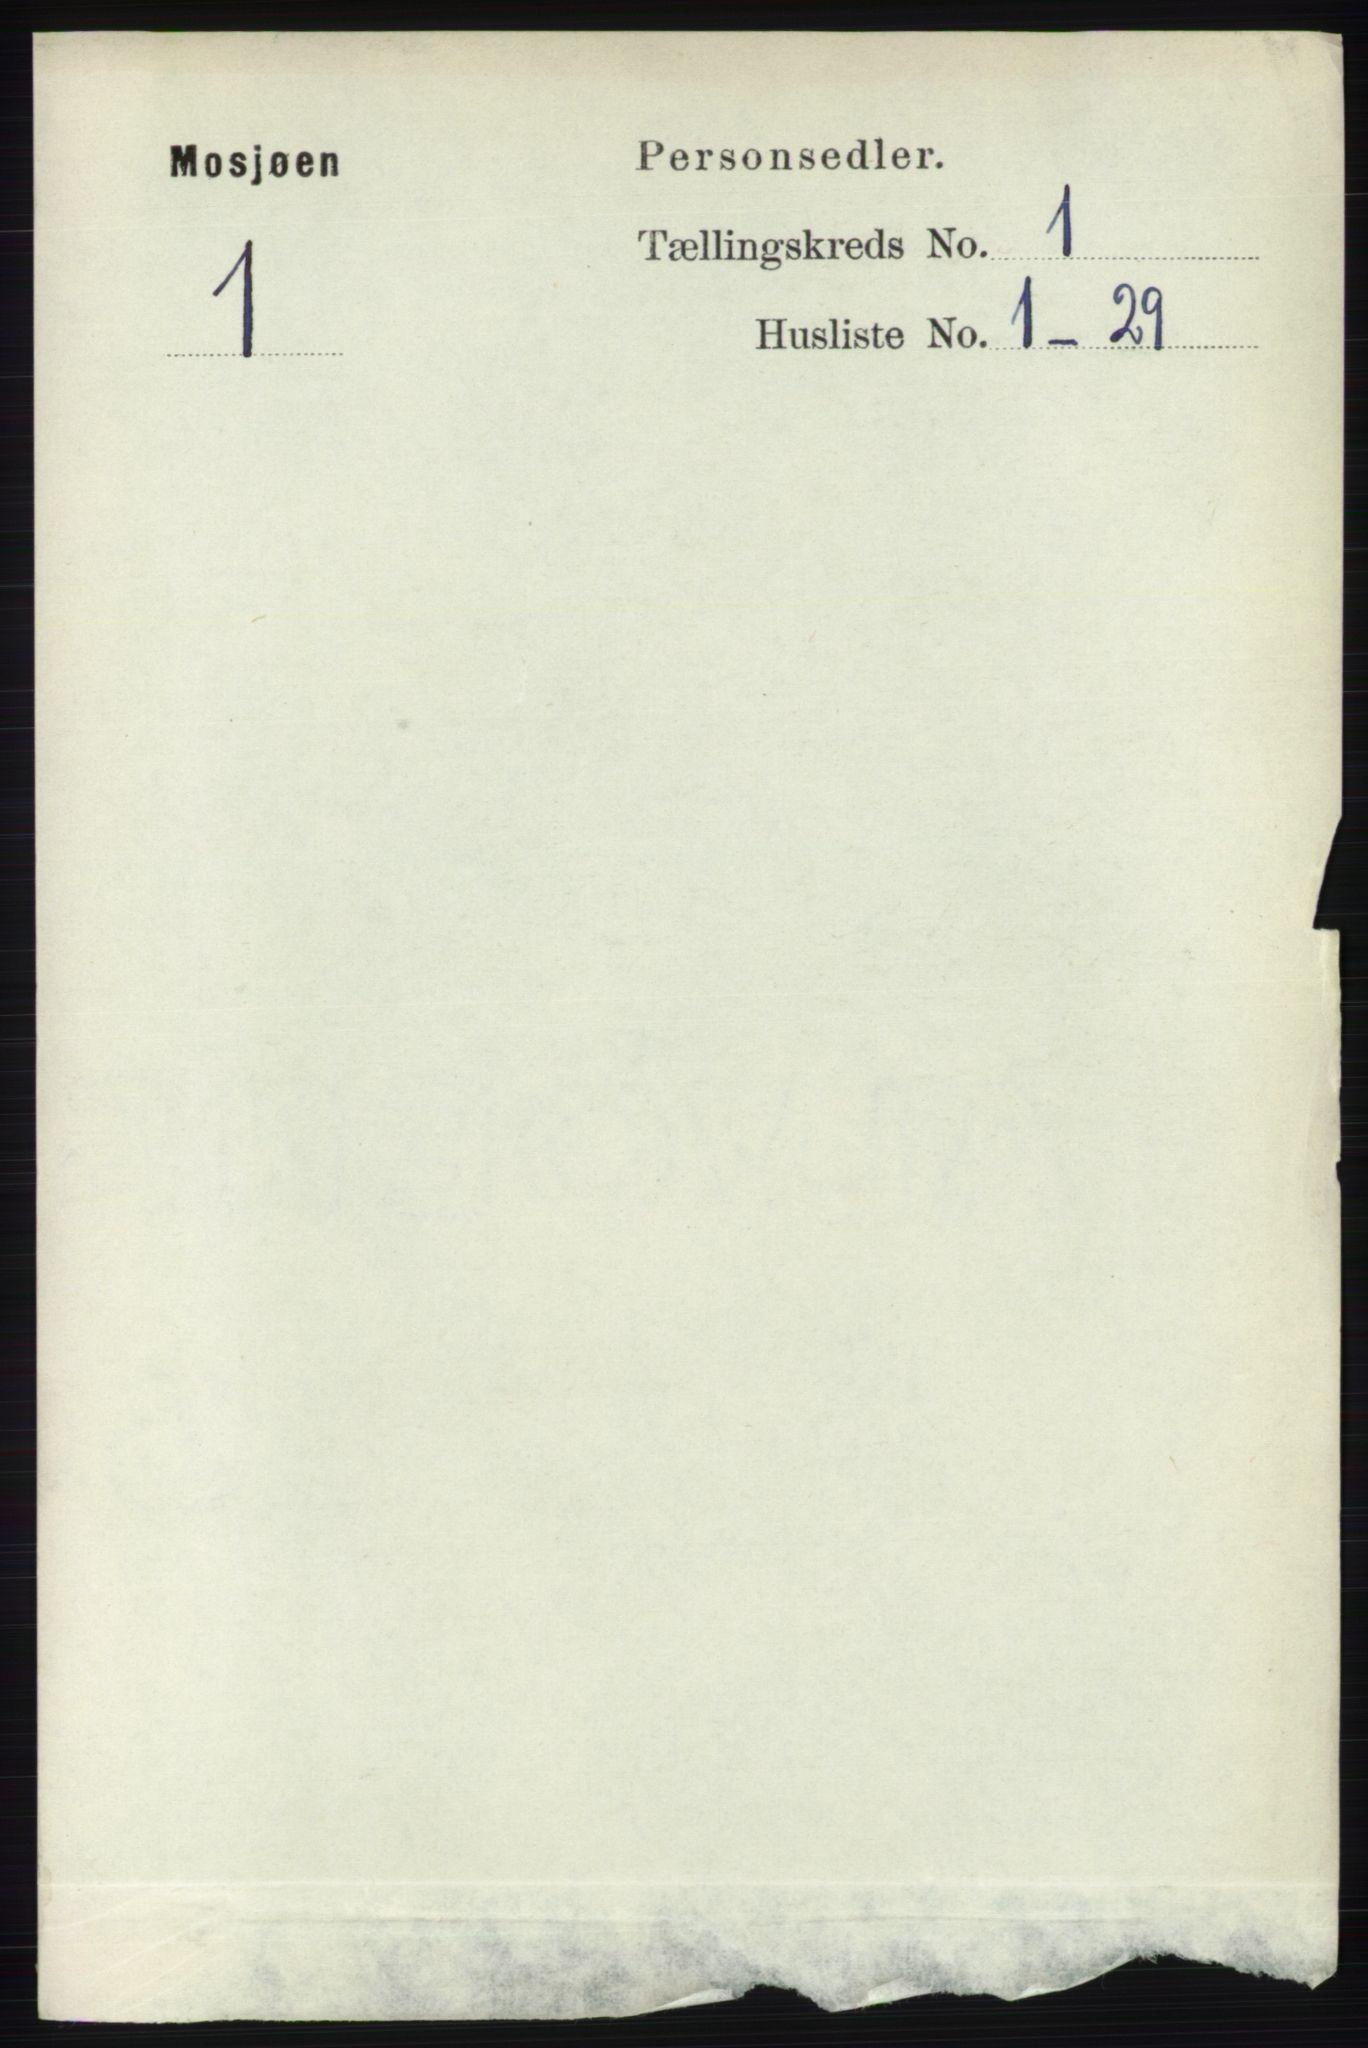 RA, Folketelling 1891 for 1802 Mosjøen ladested, 1891, s. 179